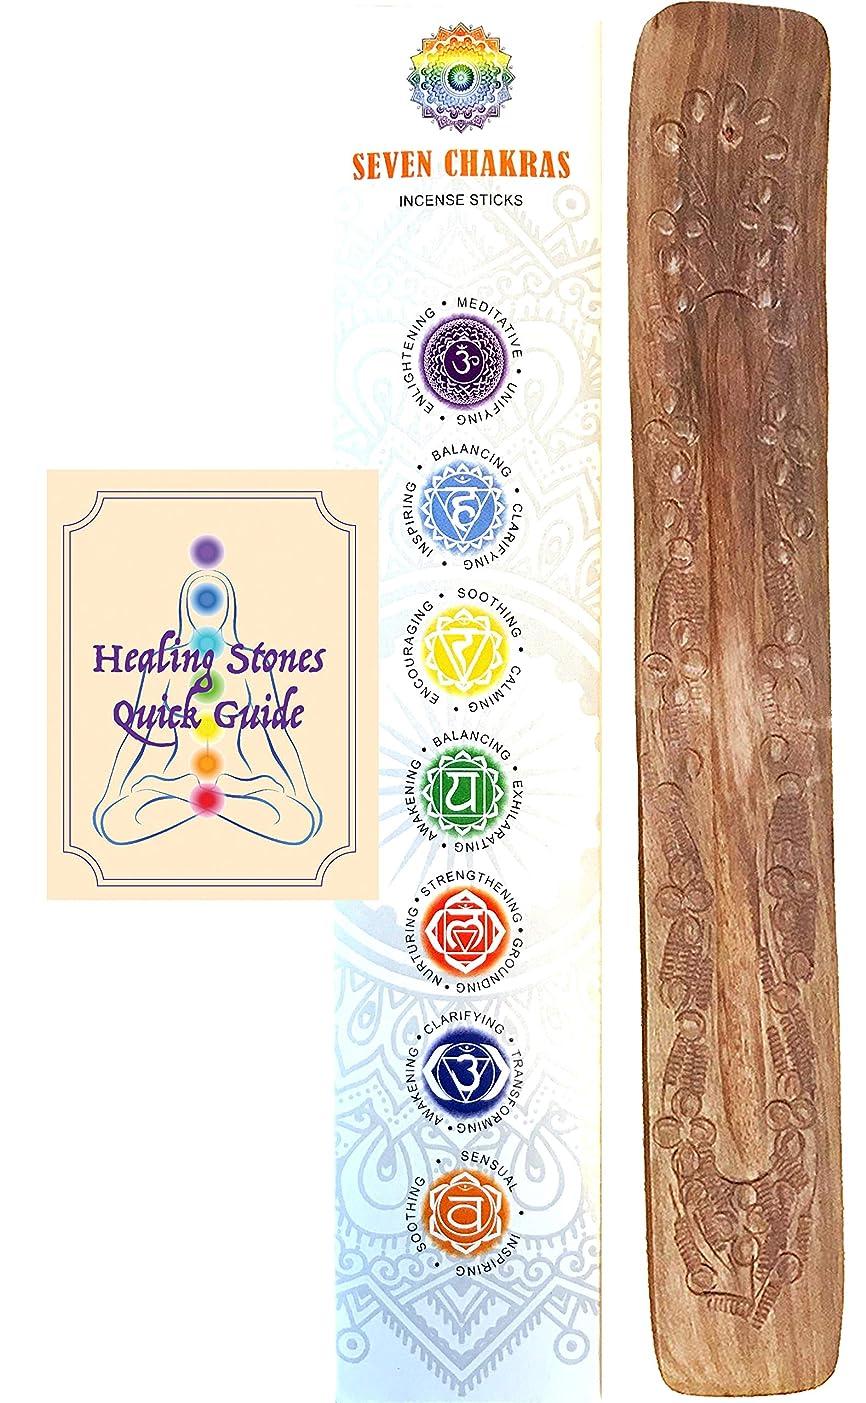 責める季節大胆7つのチャクラのお香セット – 35本の線香 各7本 瞑想、ストレング、創造性、洞察の認識用 カヌーの香炉とヒーリングストーン付き クイックチャクラガイド